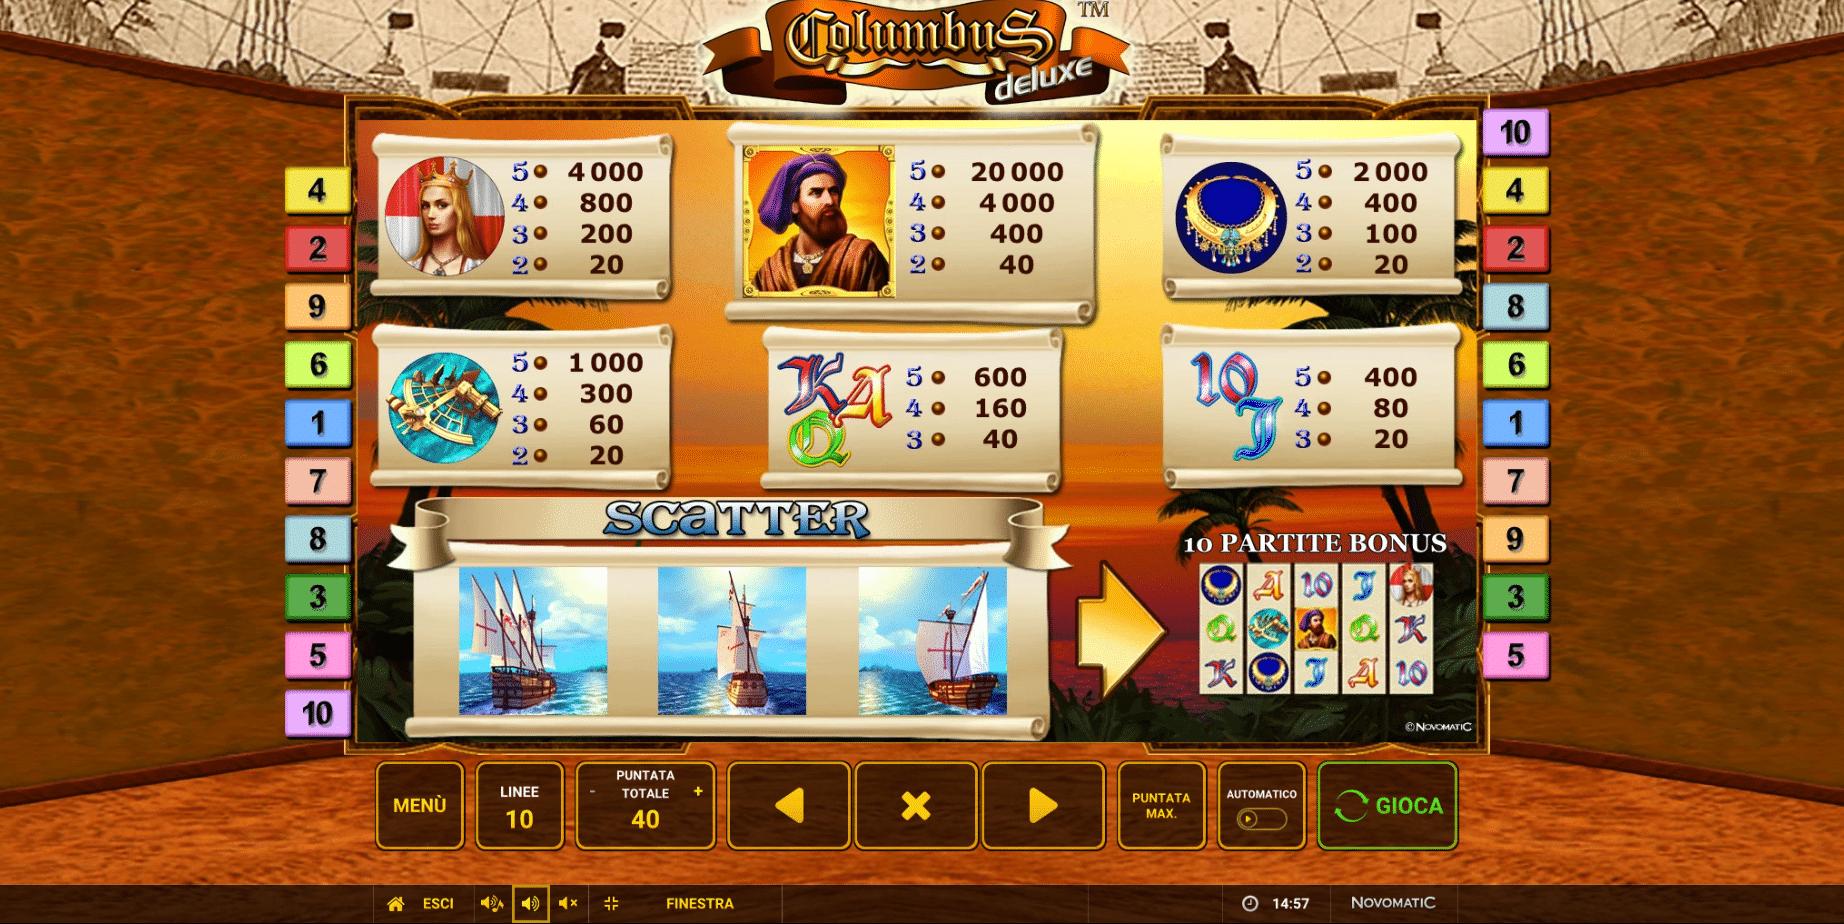 Tabella pagamenti della slot gratis Columbus Deluxe